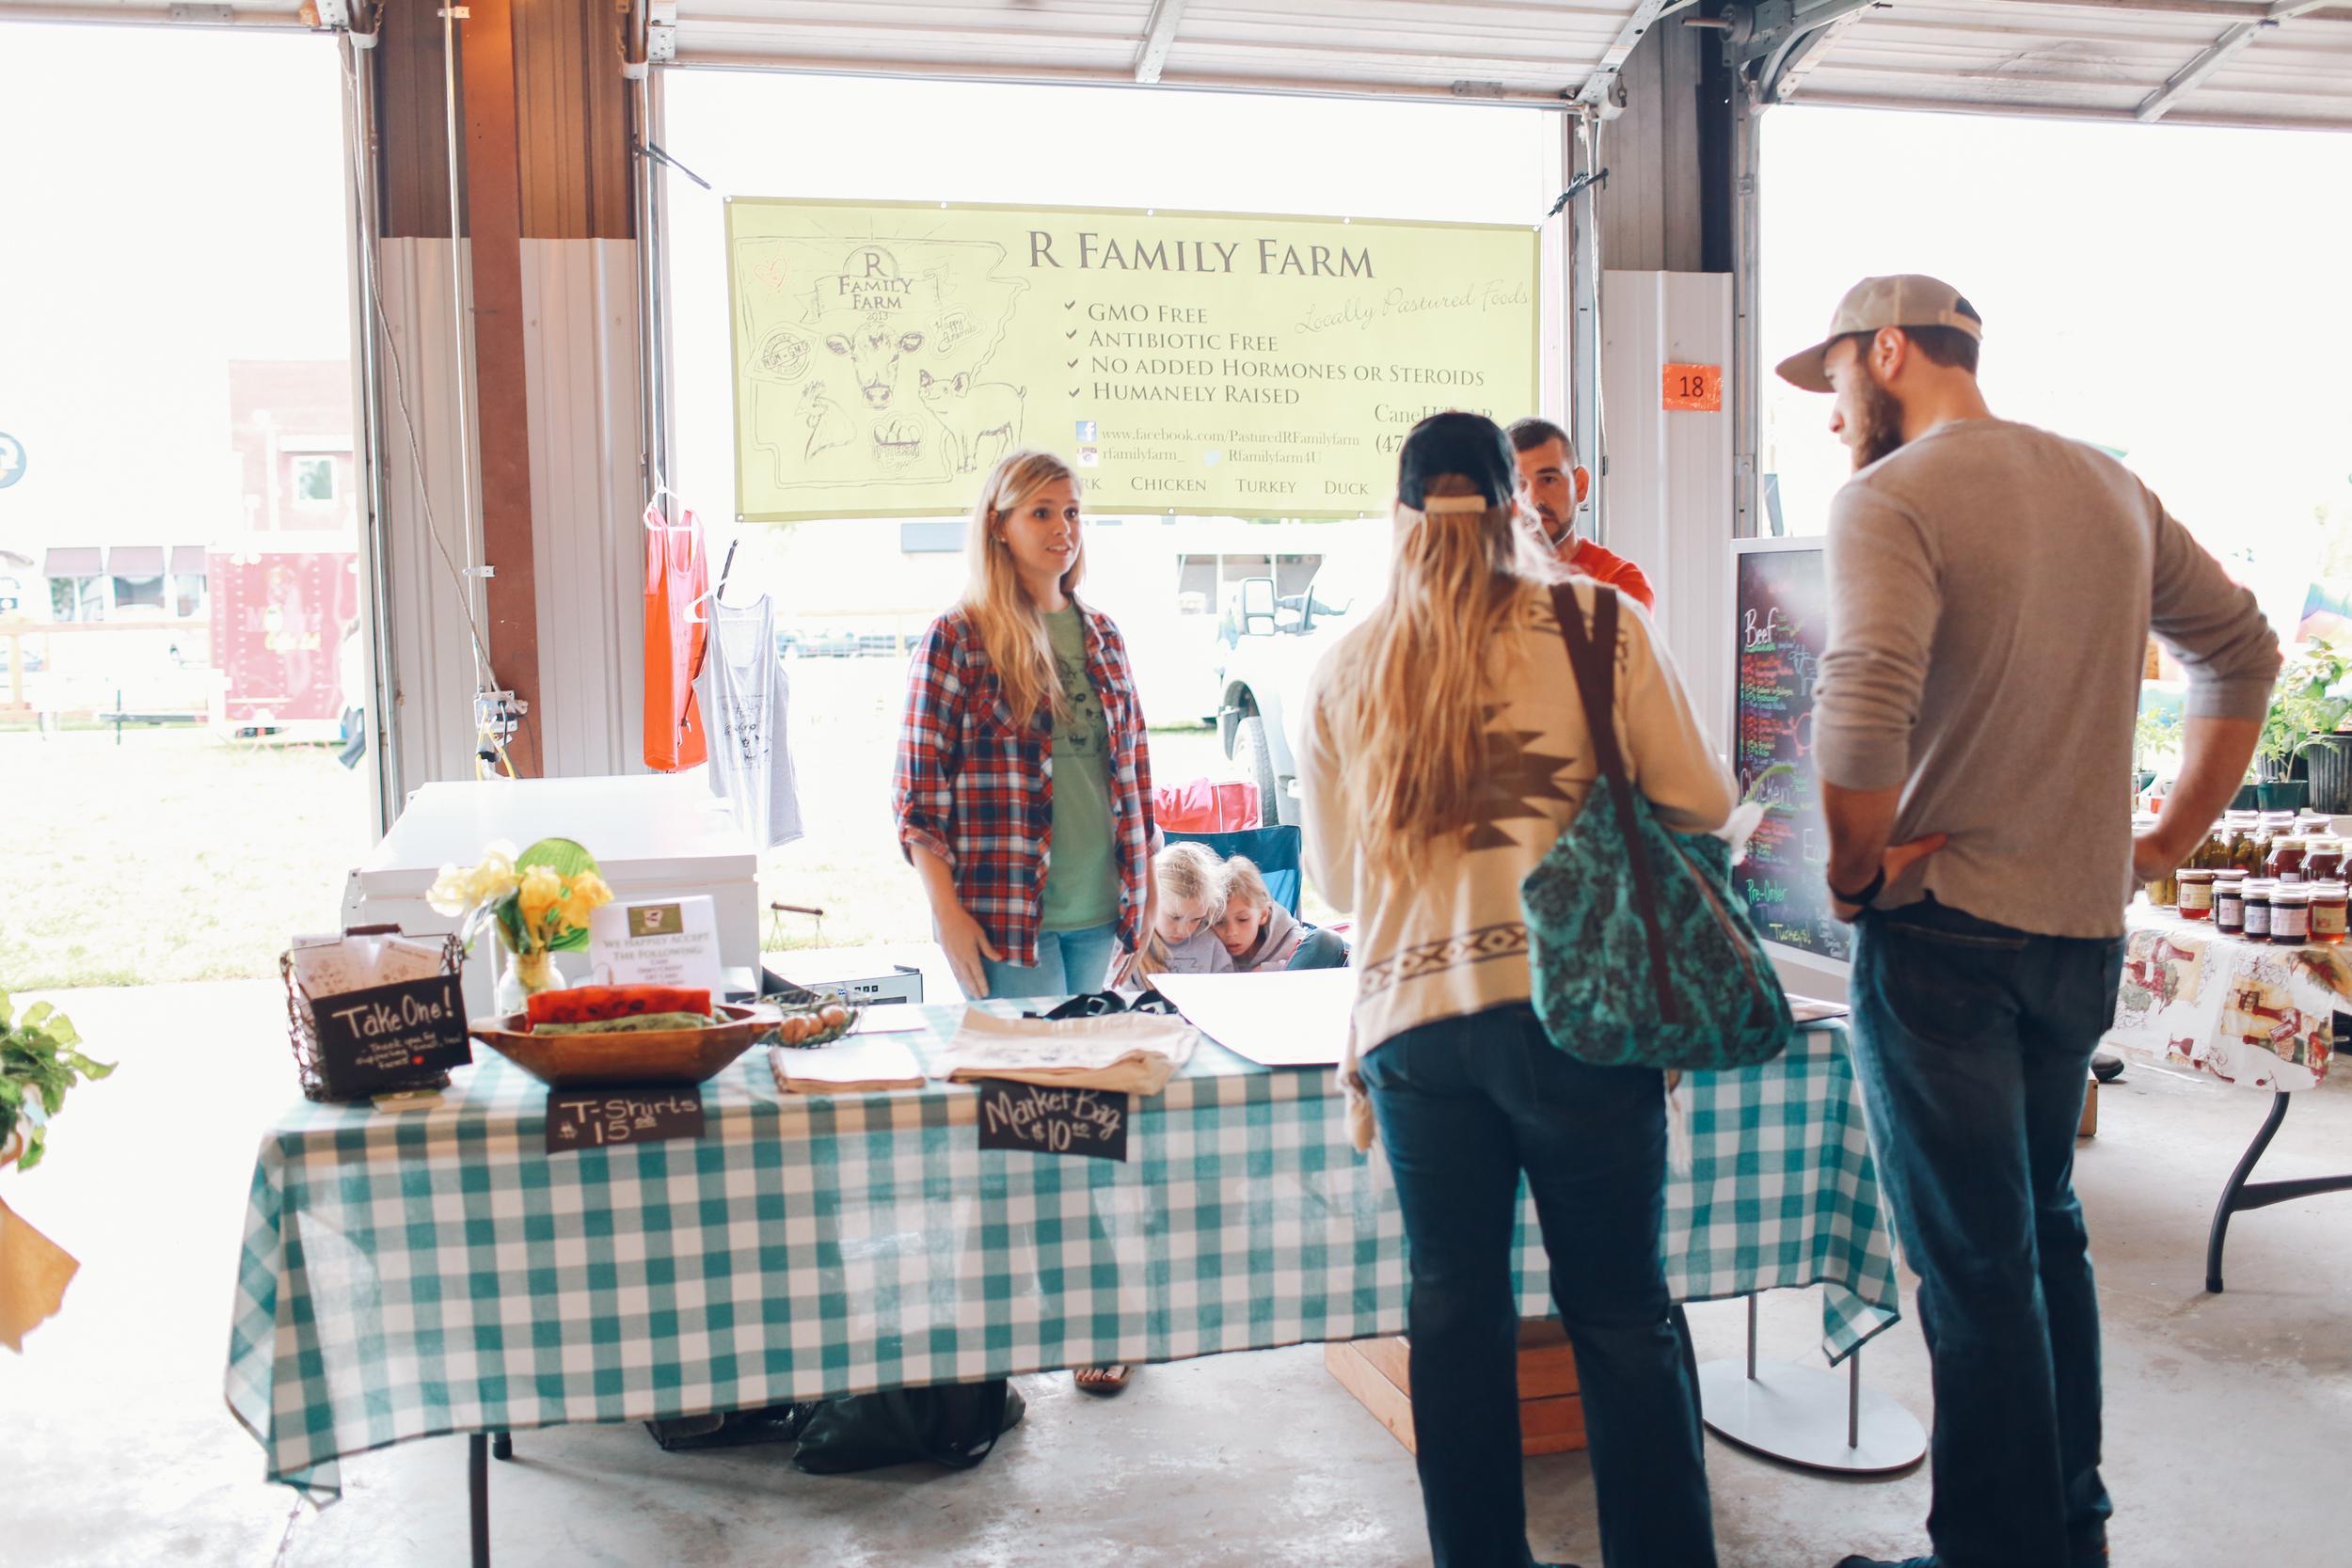 farmers_market-36.jpg